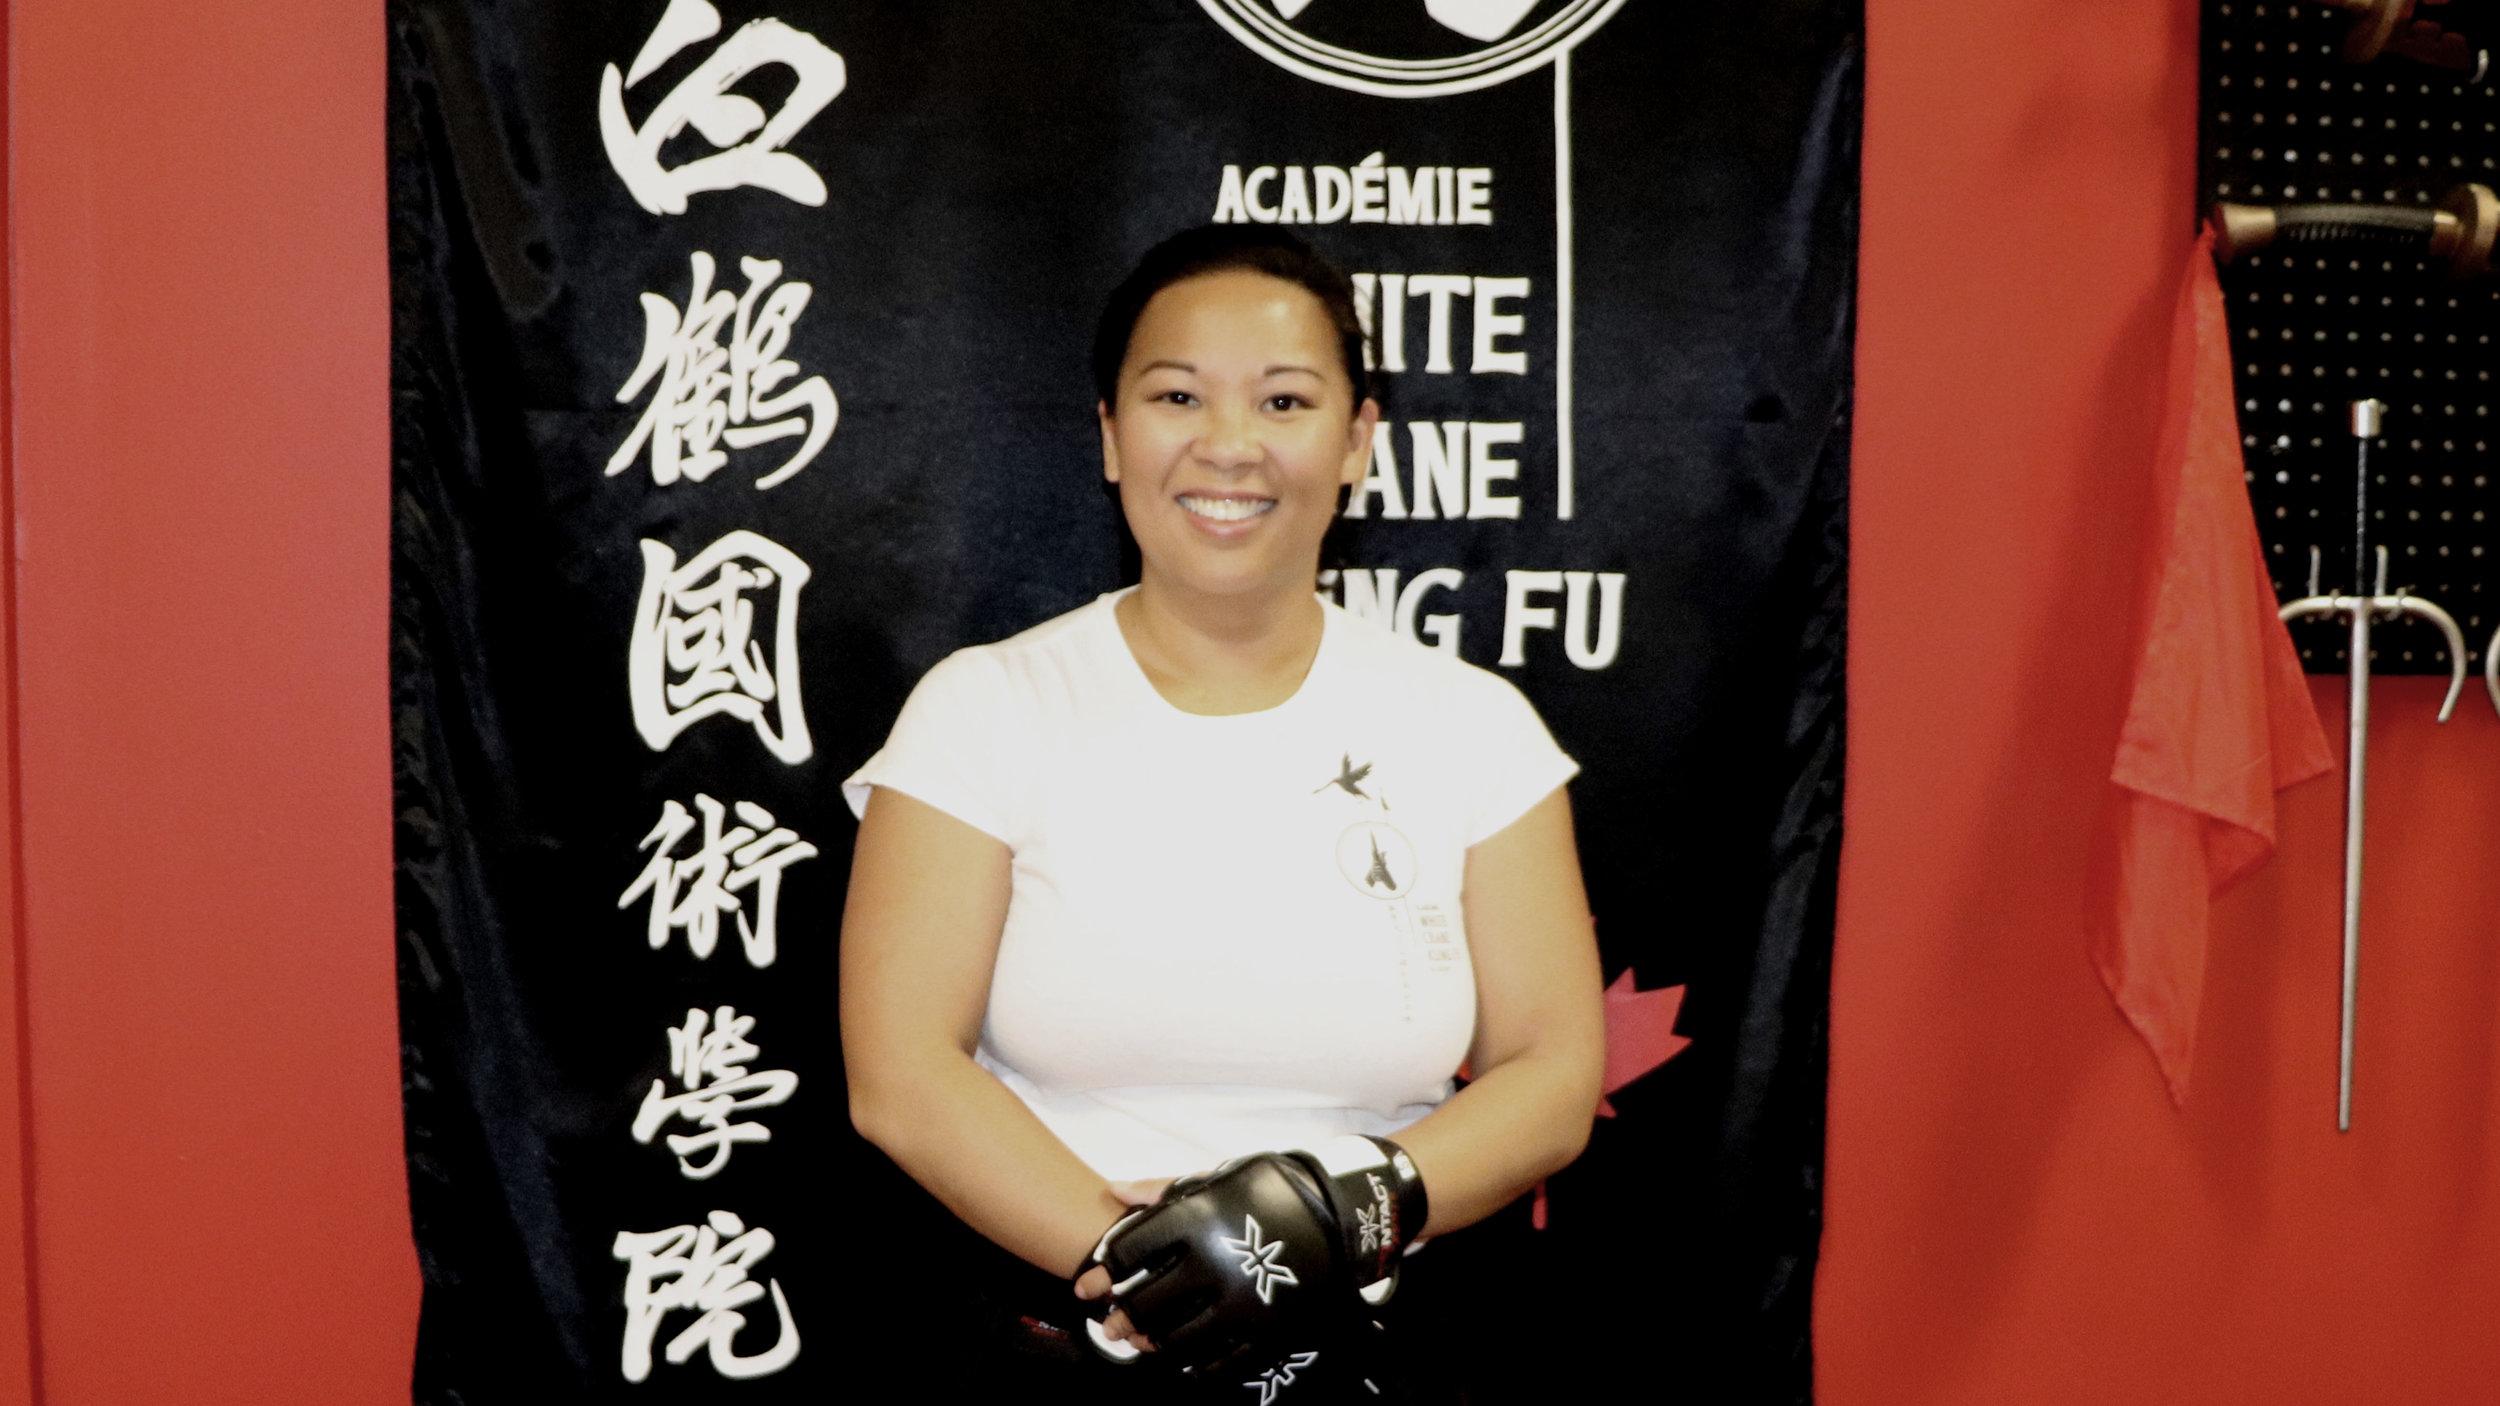 Jiao Lien Carla Baquiran - Teaching Since 2018